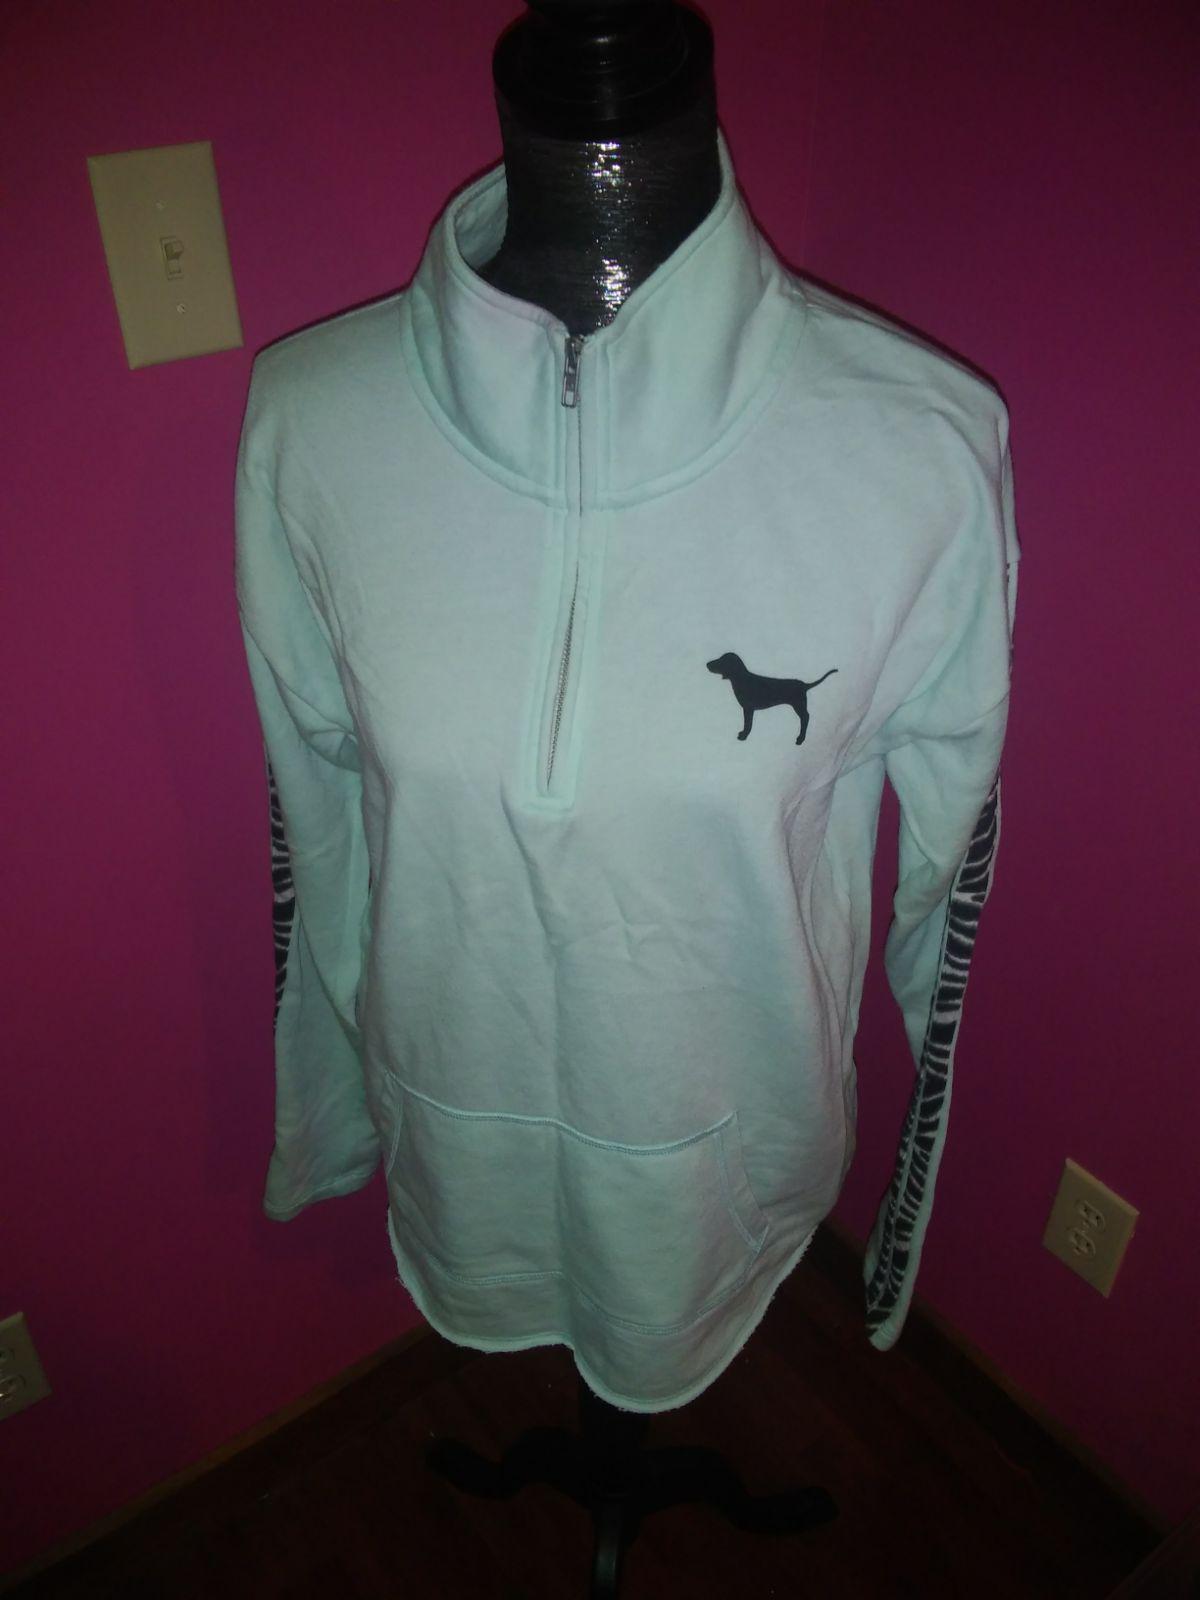 PINK Half Zip Sweater - Mercari: BUY & SELL THINGS YOU LOVE